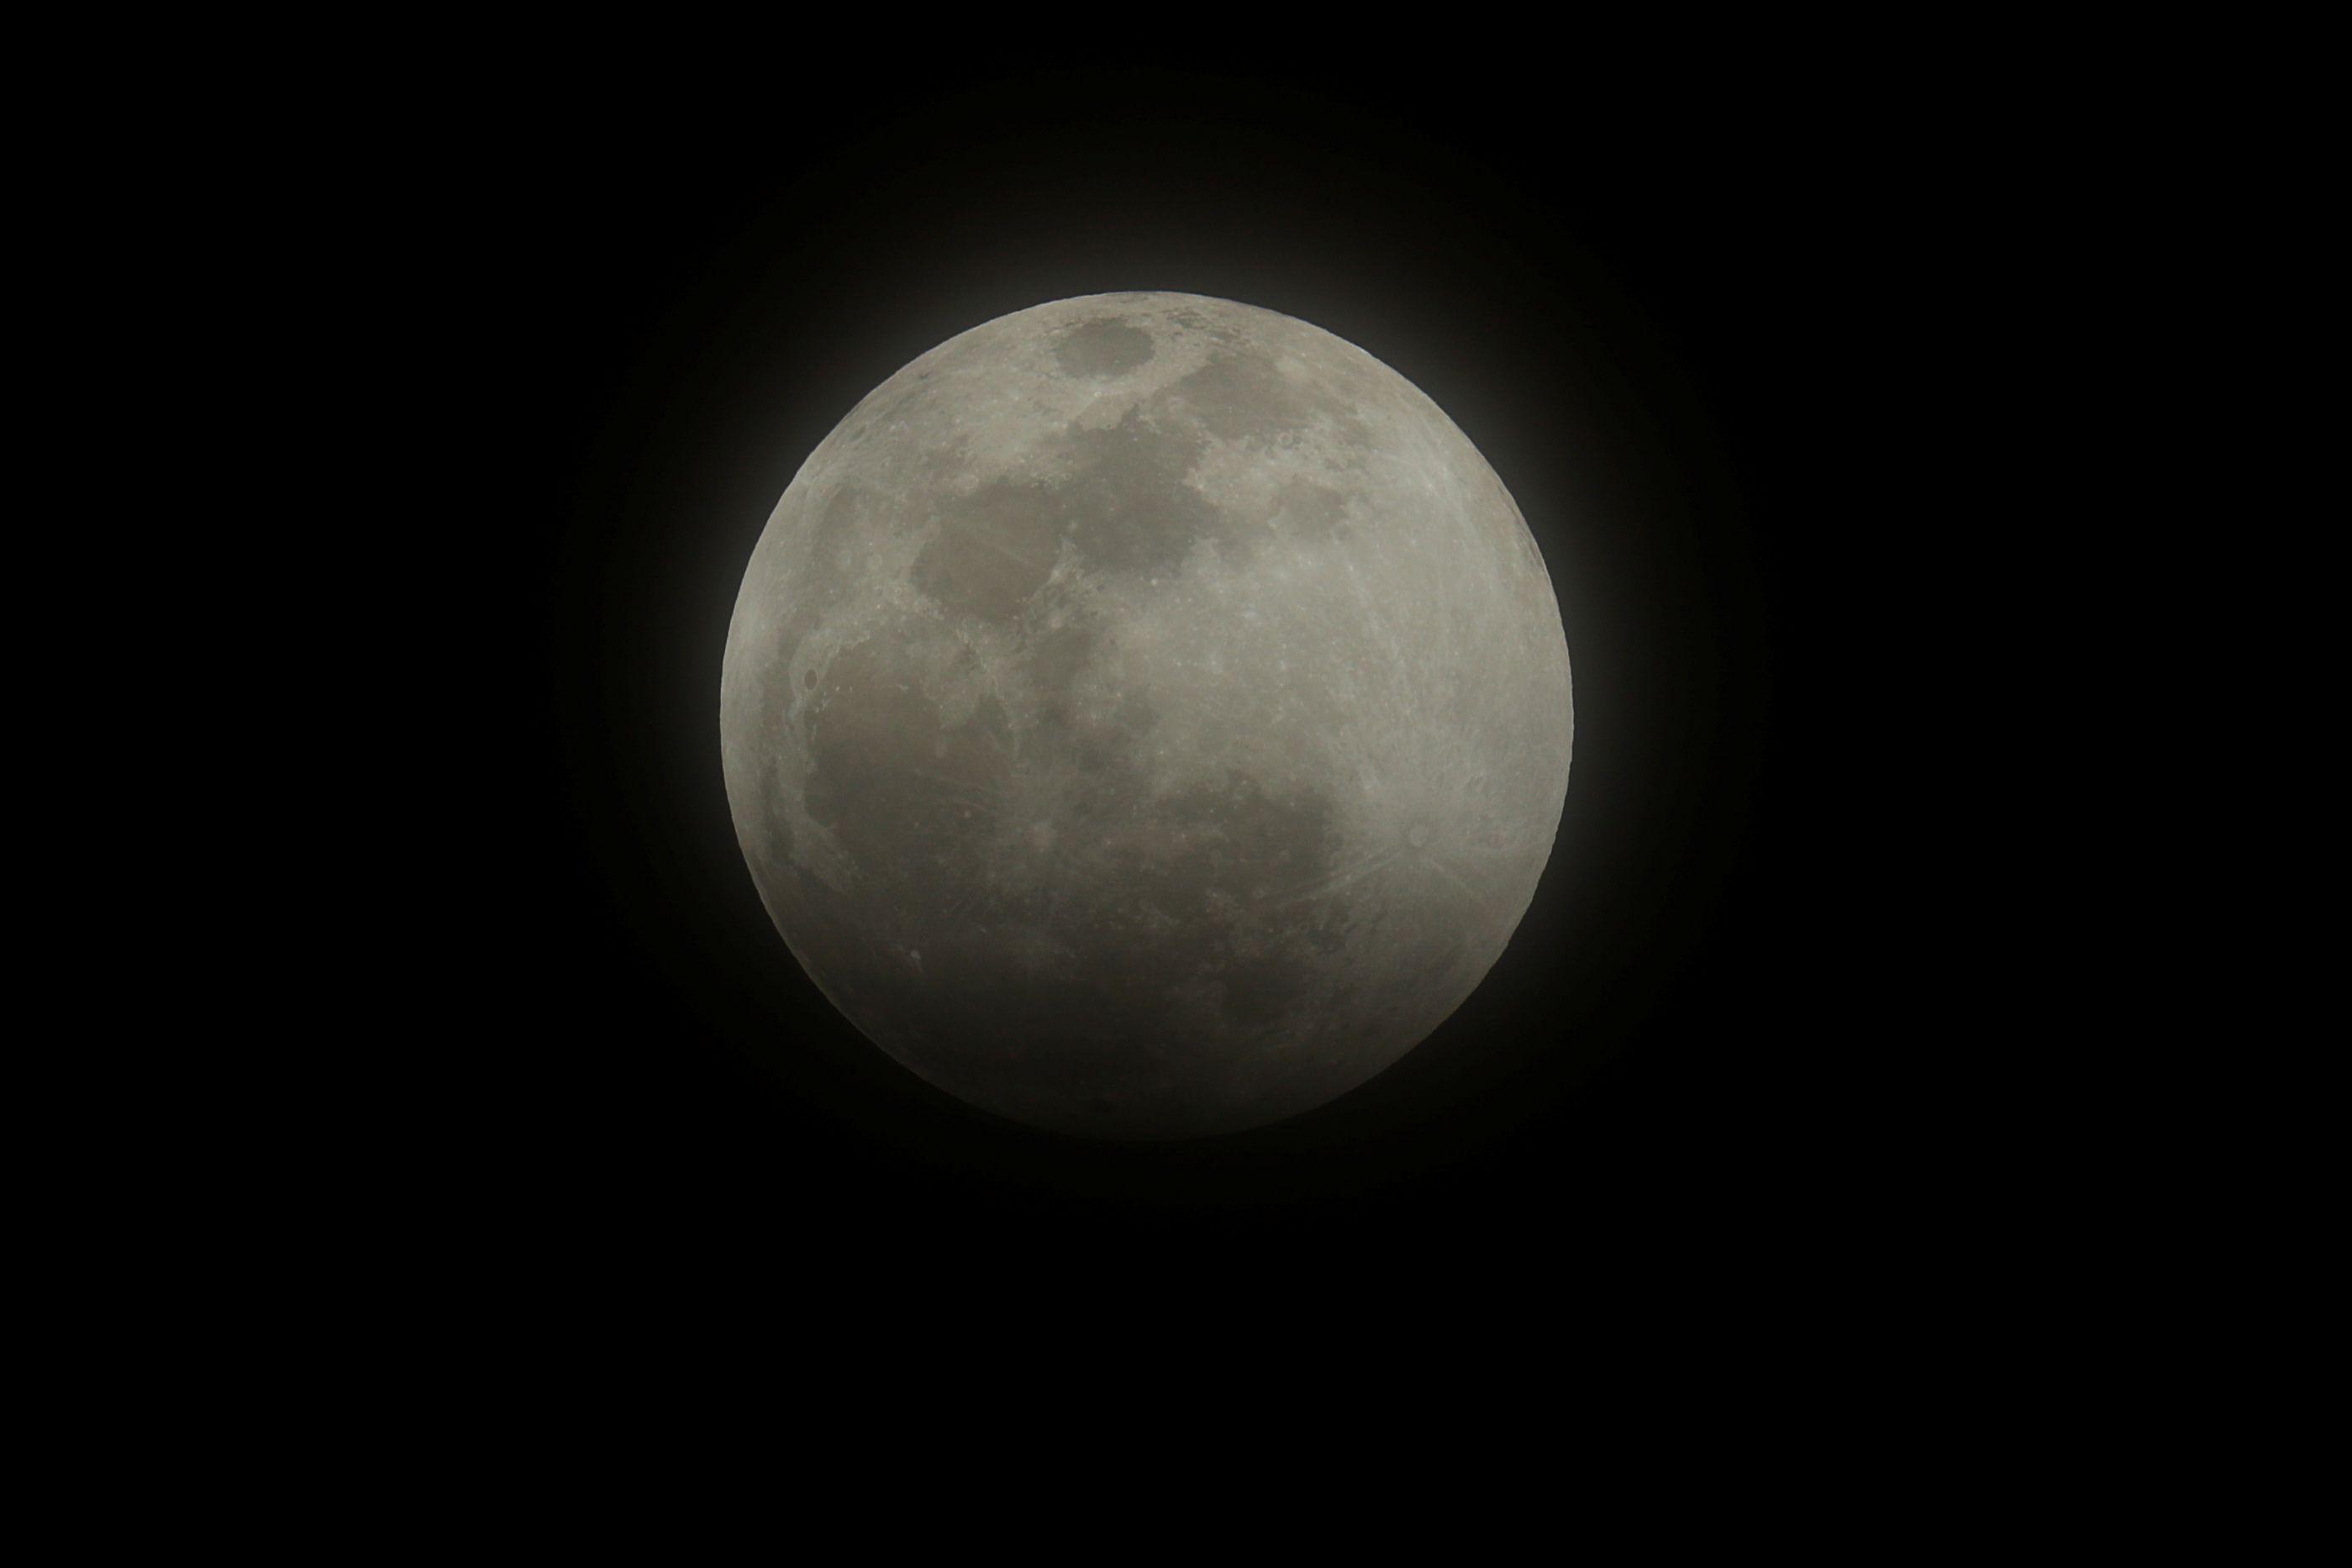 Atenção. Haverá uma Super Lua especial na próxima semana